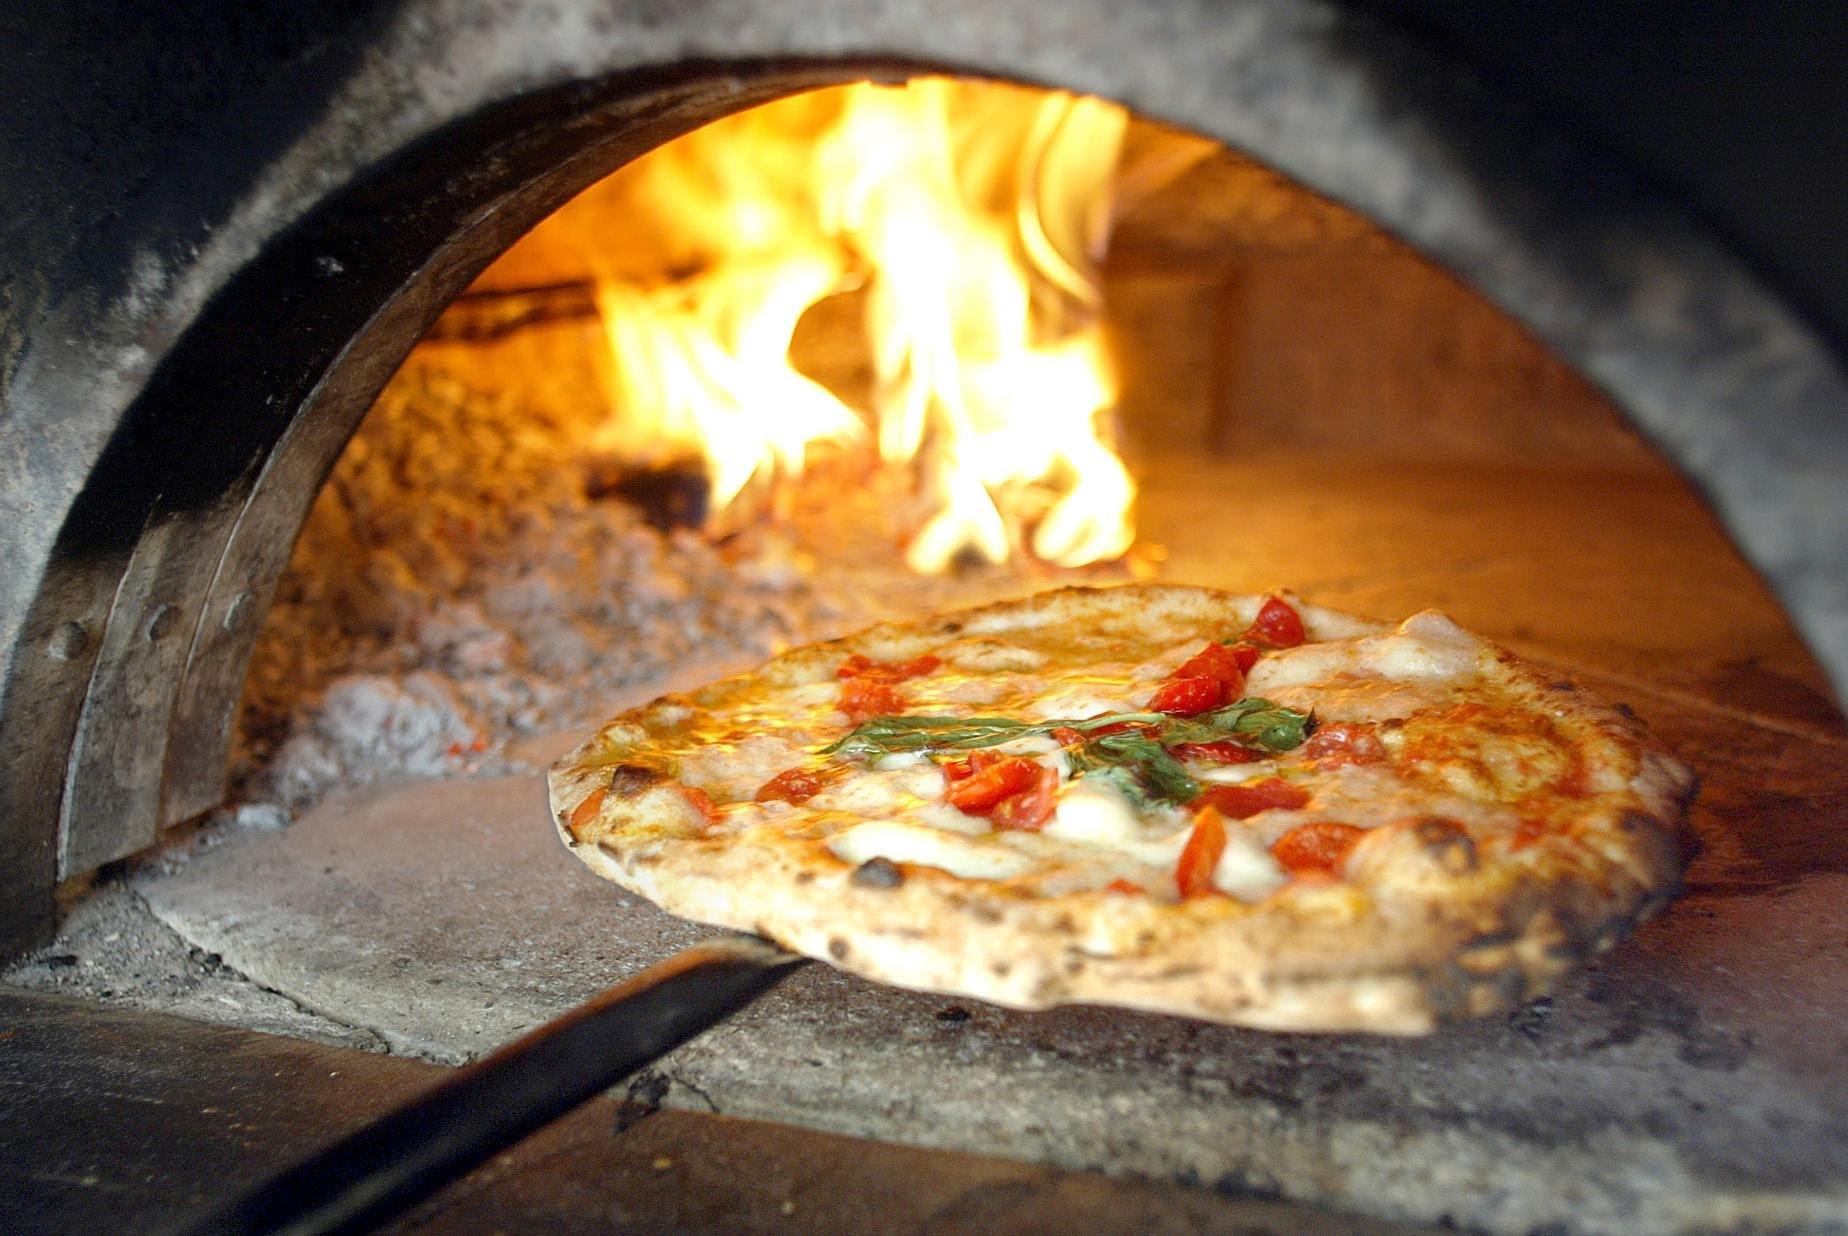 http://www.vienianapoli.com/2015/01/dove-mangiare-napoli-le-migliori.html